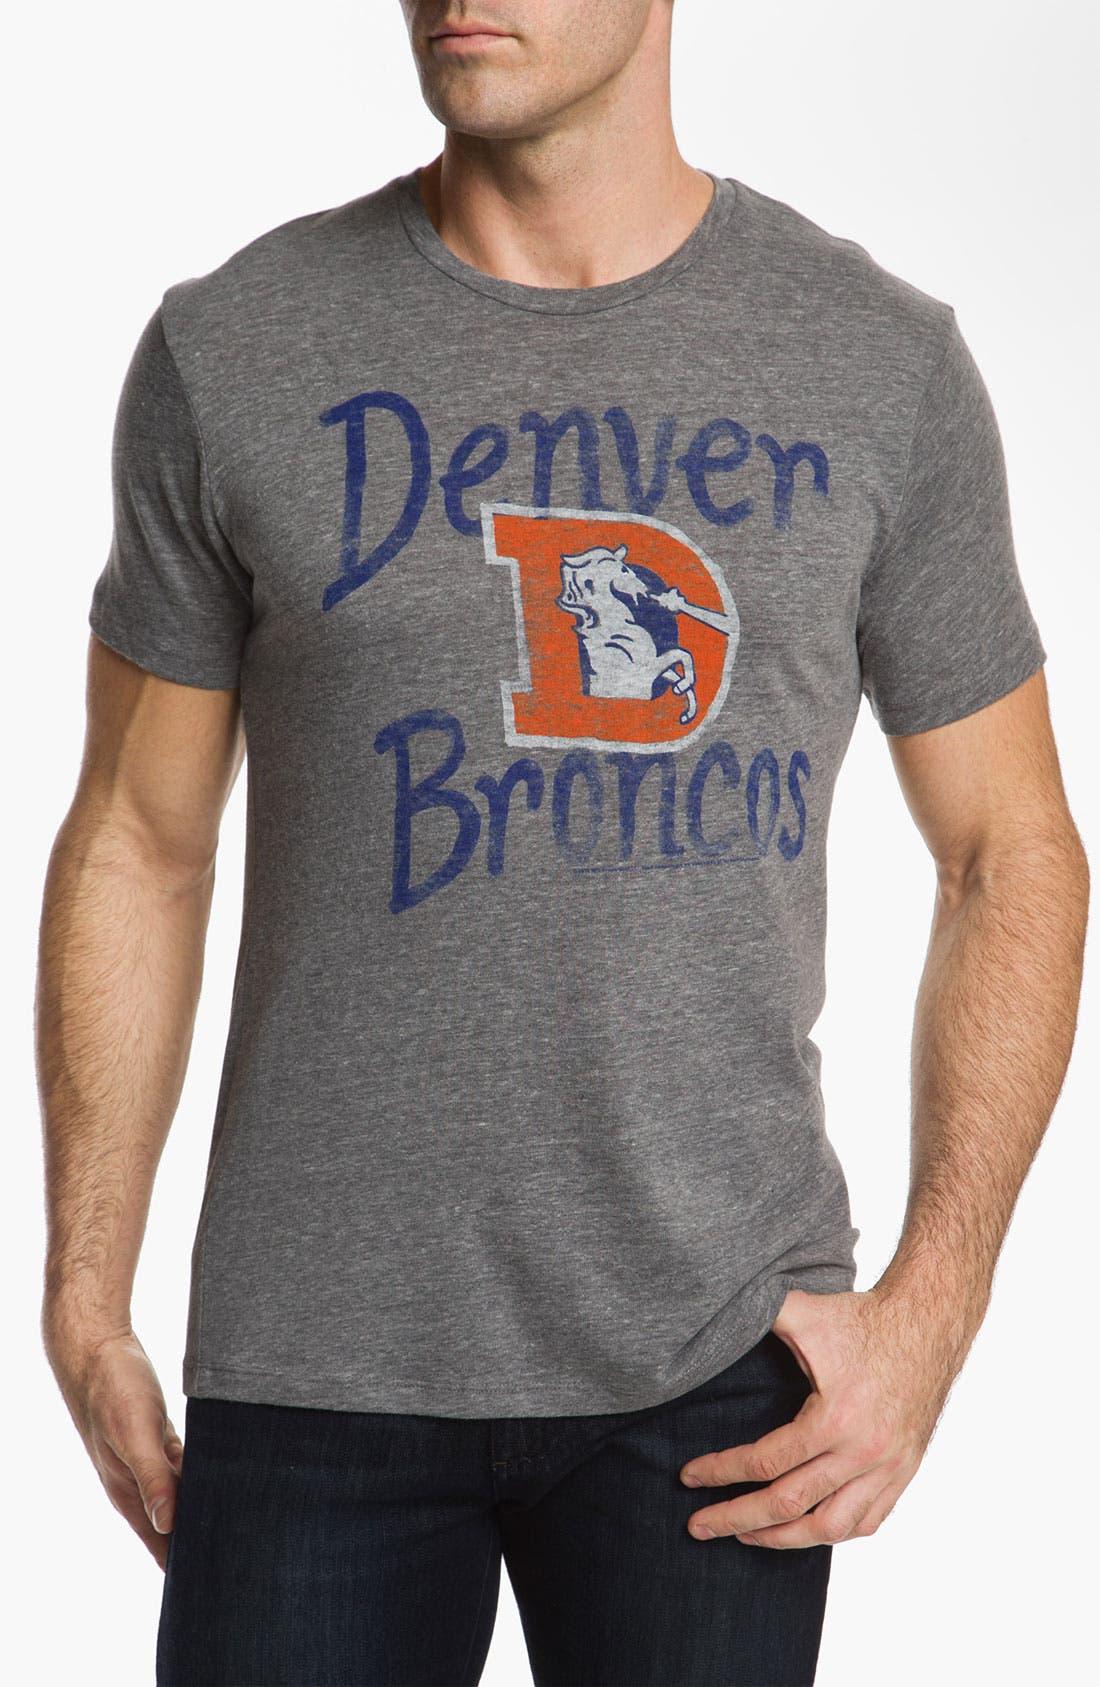 Alternate Image 1 Selected - Junk Food 'Denver Broncos' T-Shirt